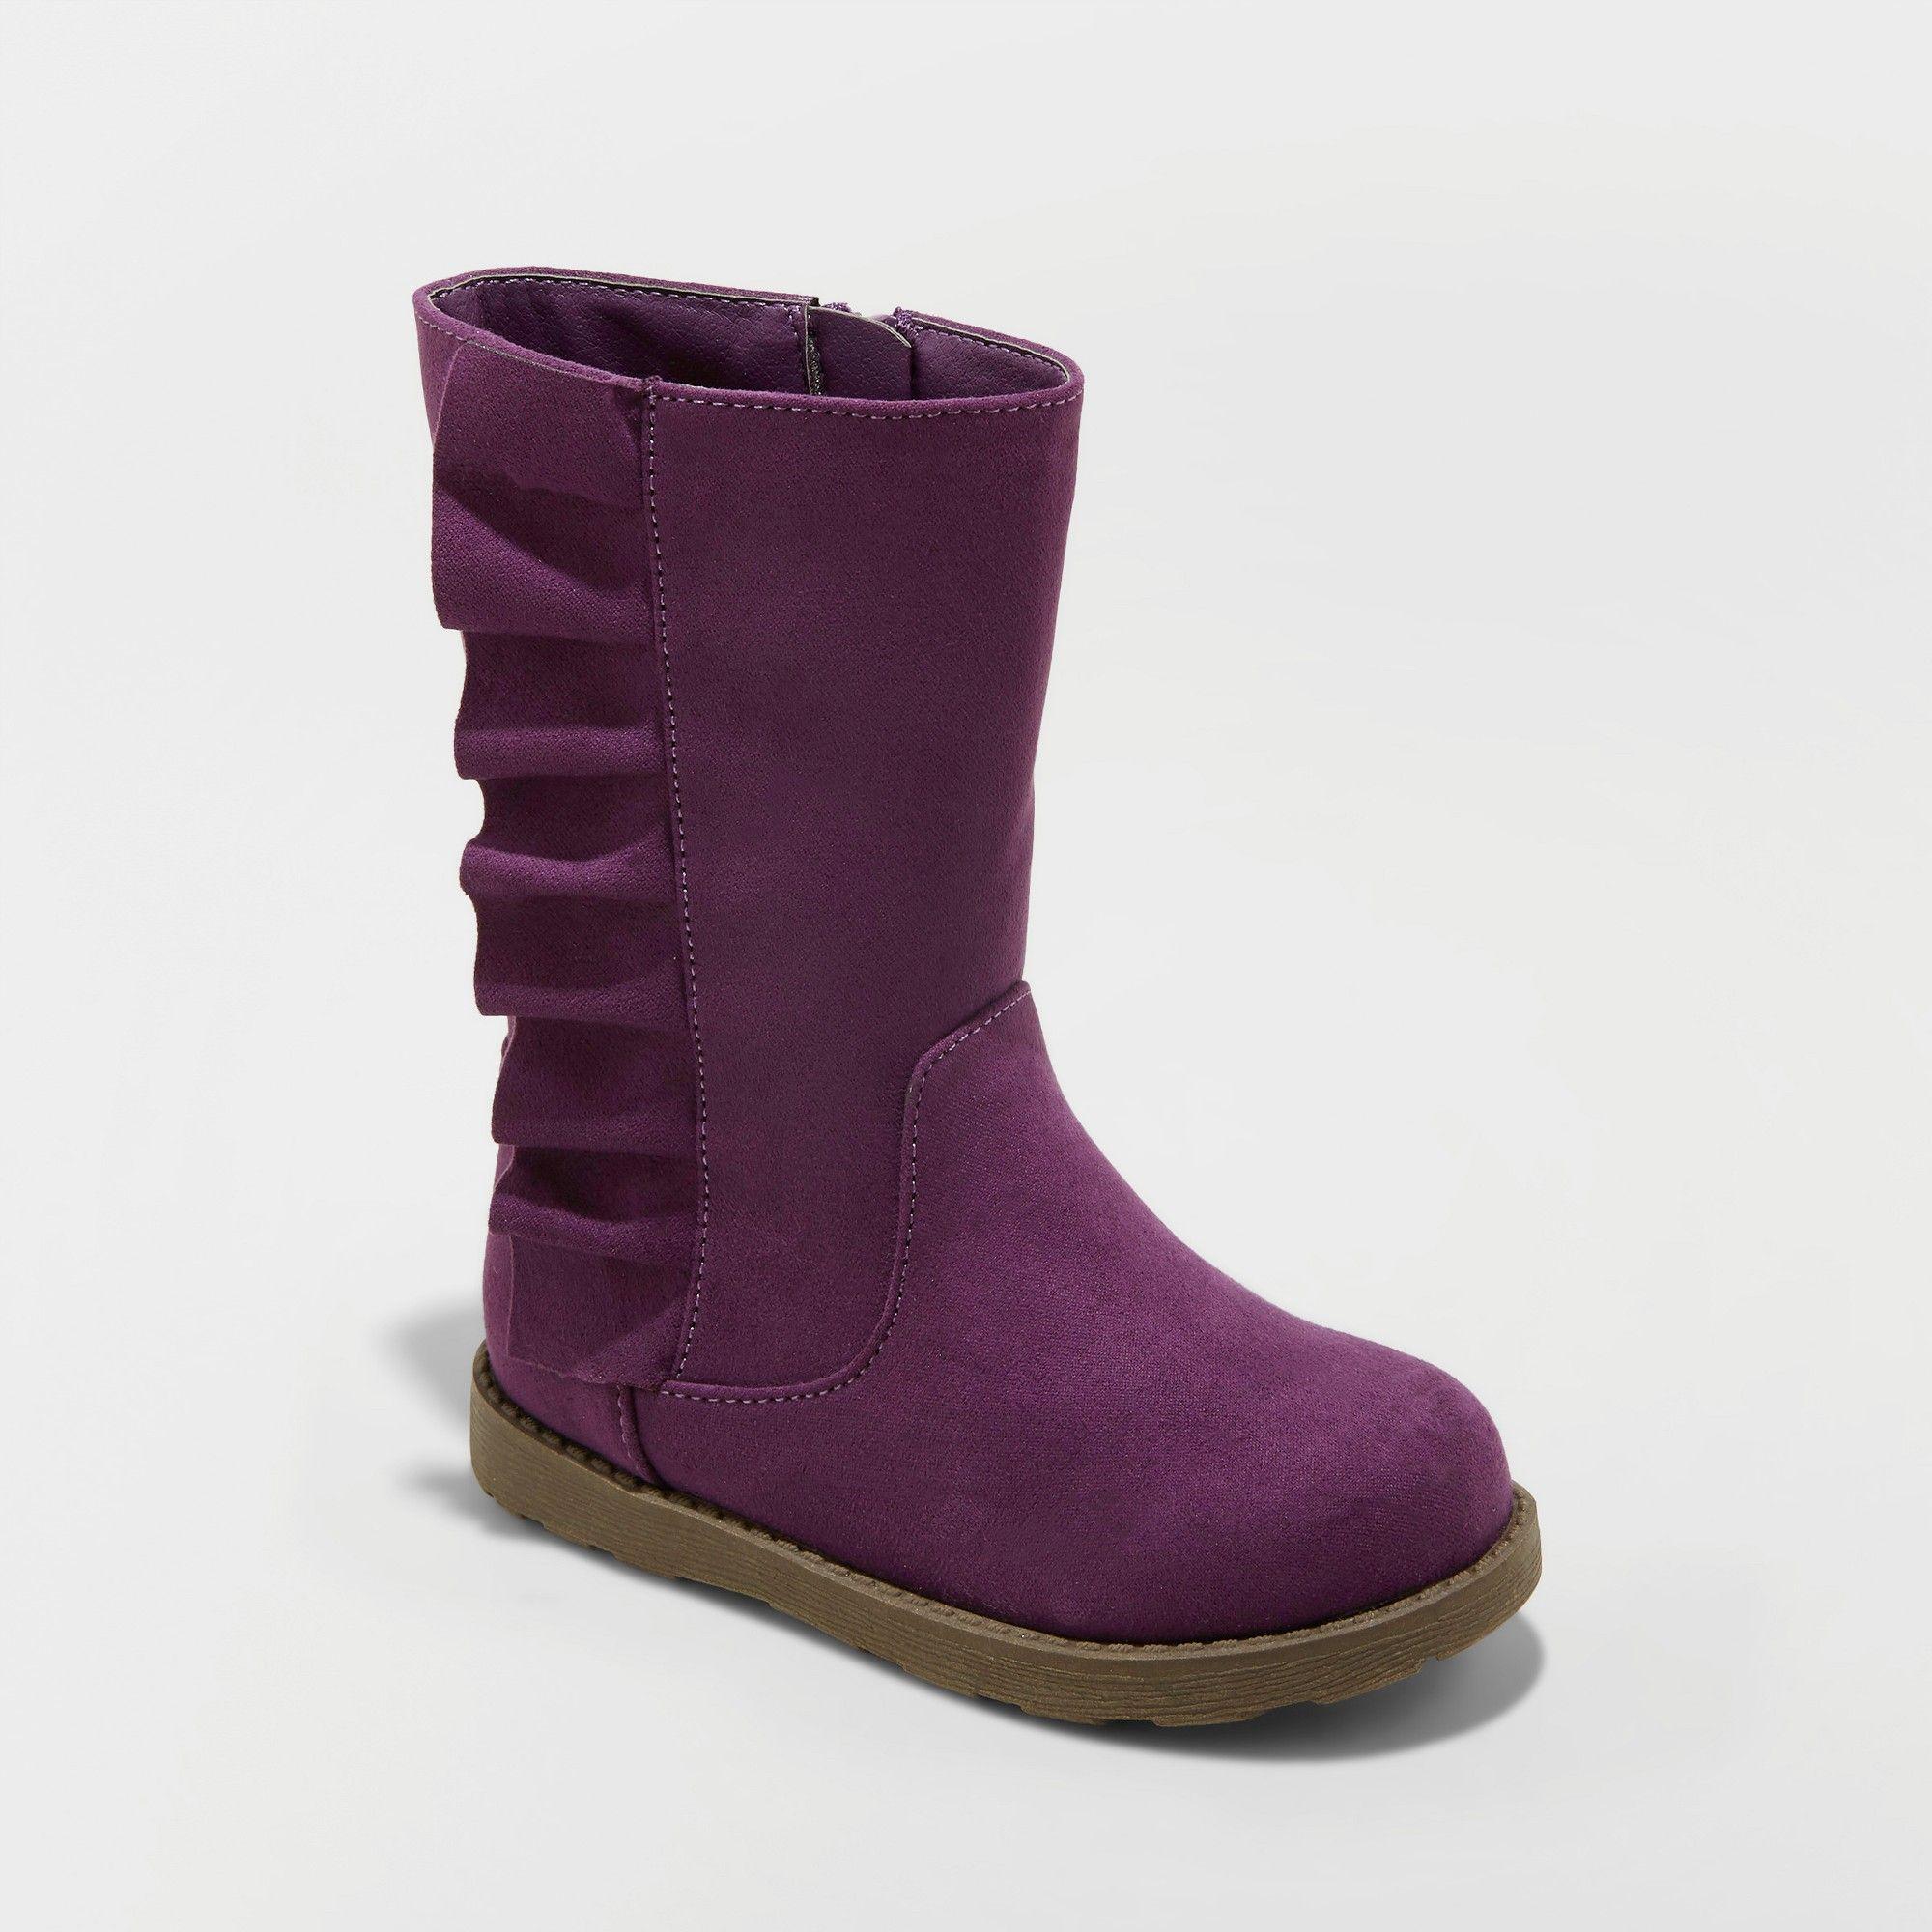 Toddler Girls' Reva Ruffle Boot Cat & Jack Purple 6